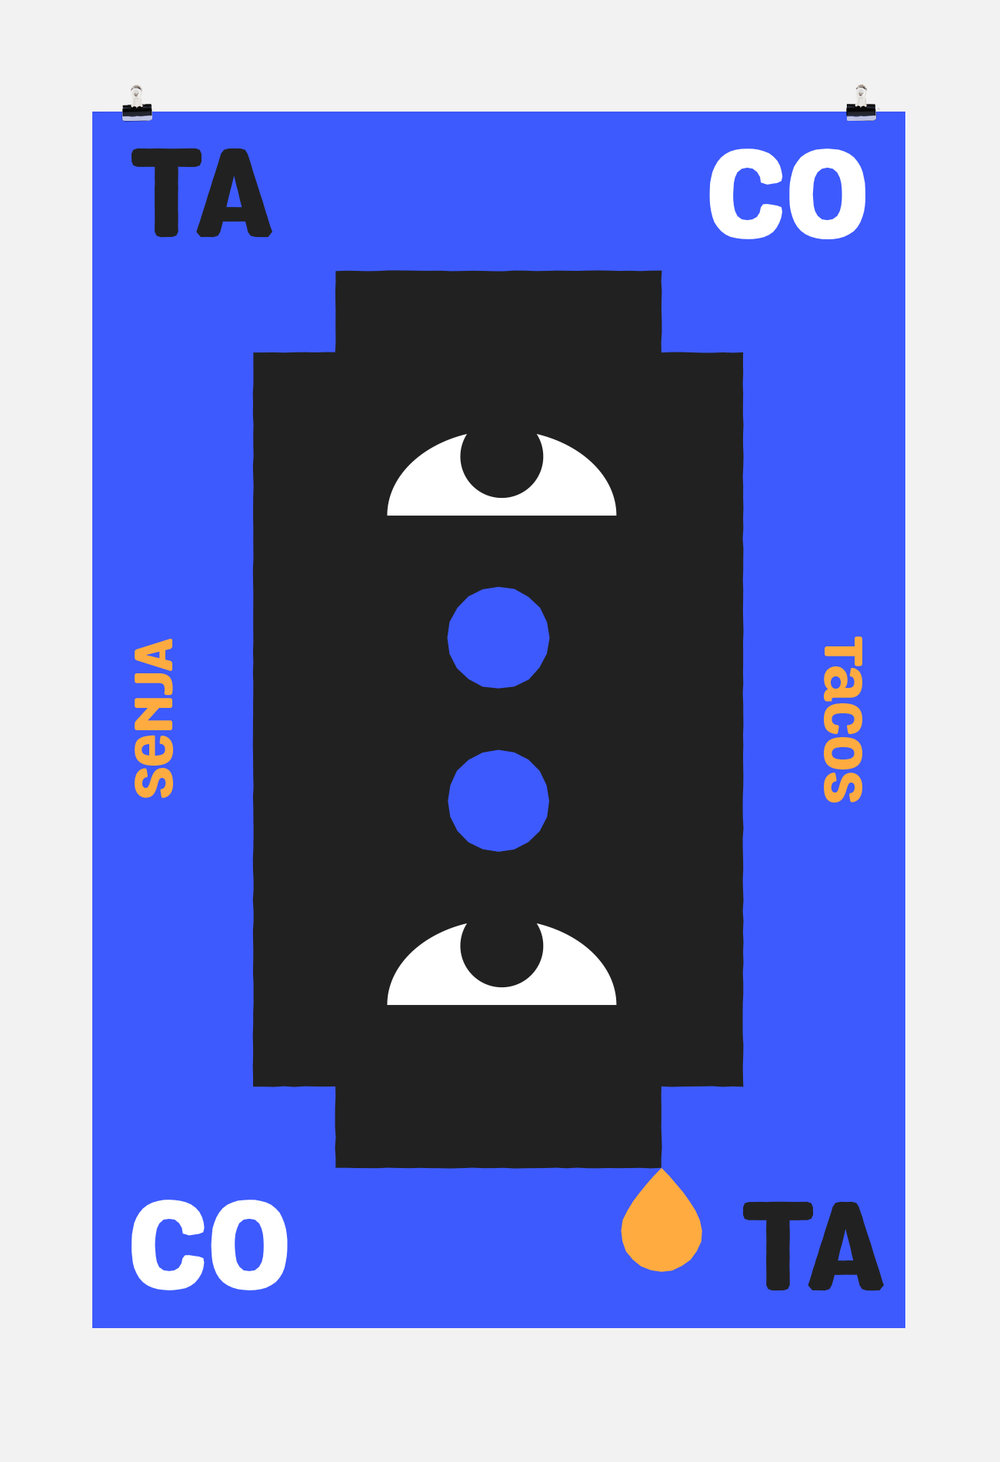 ST_Poster_05.jpg